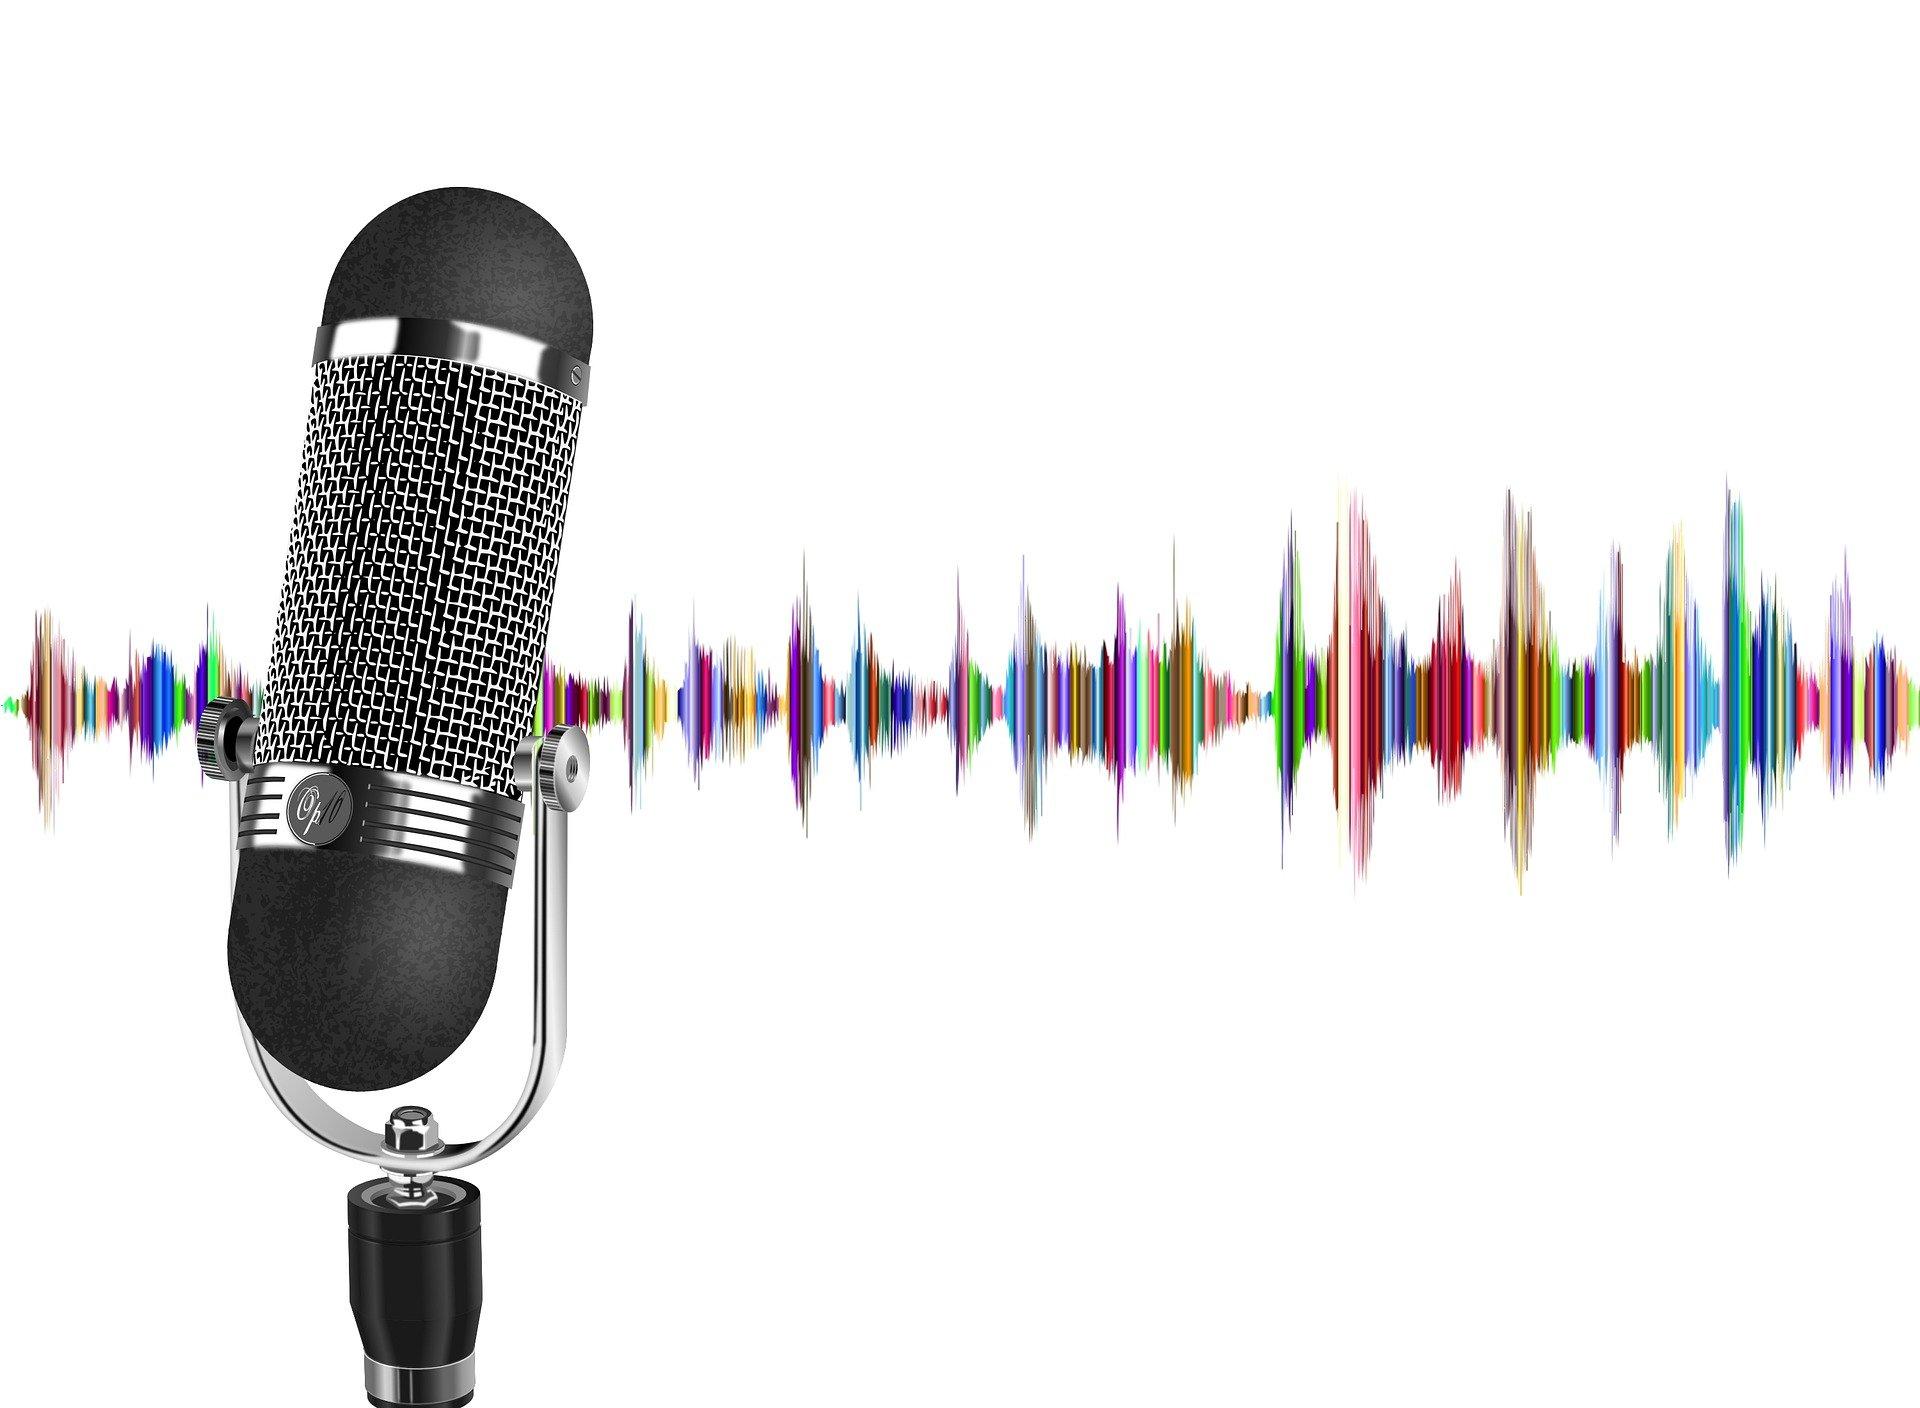 dona tu voz - Impulsando la Solidaridad digital